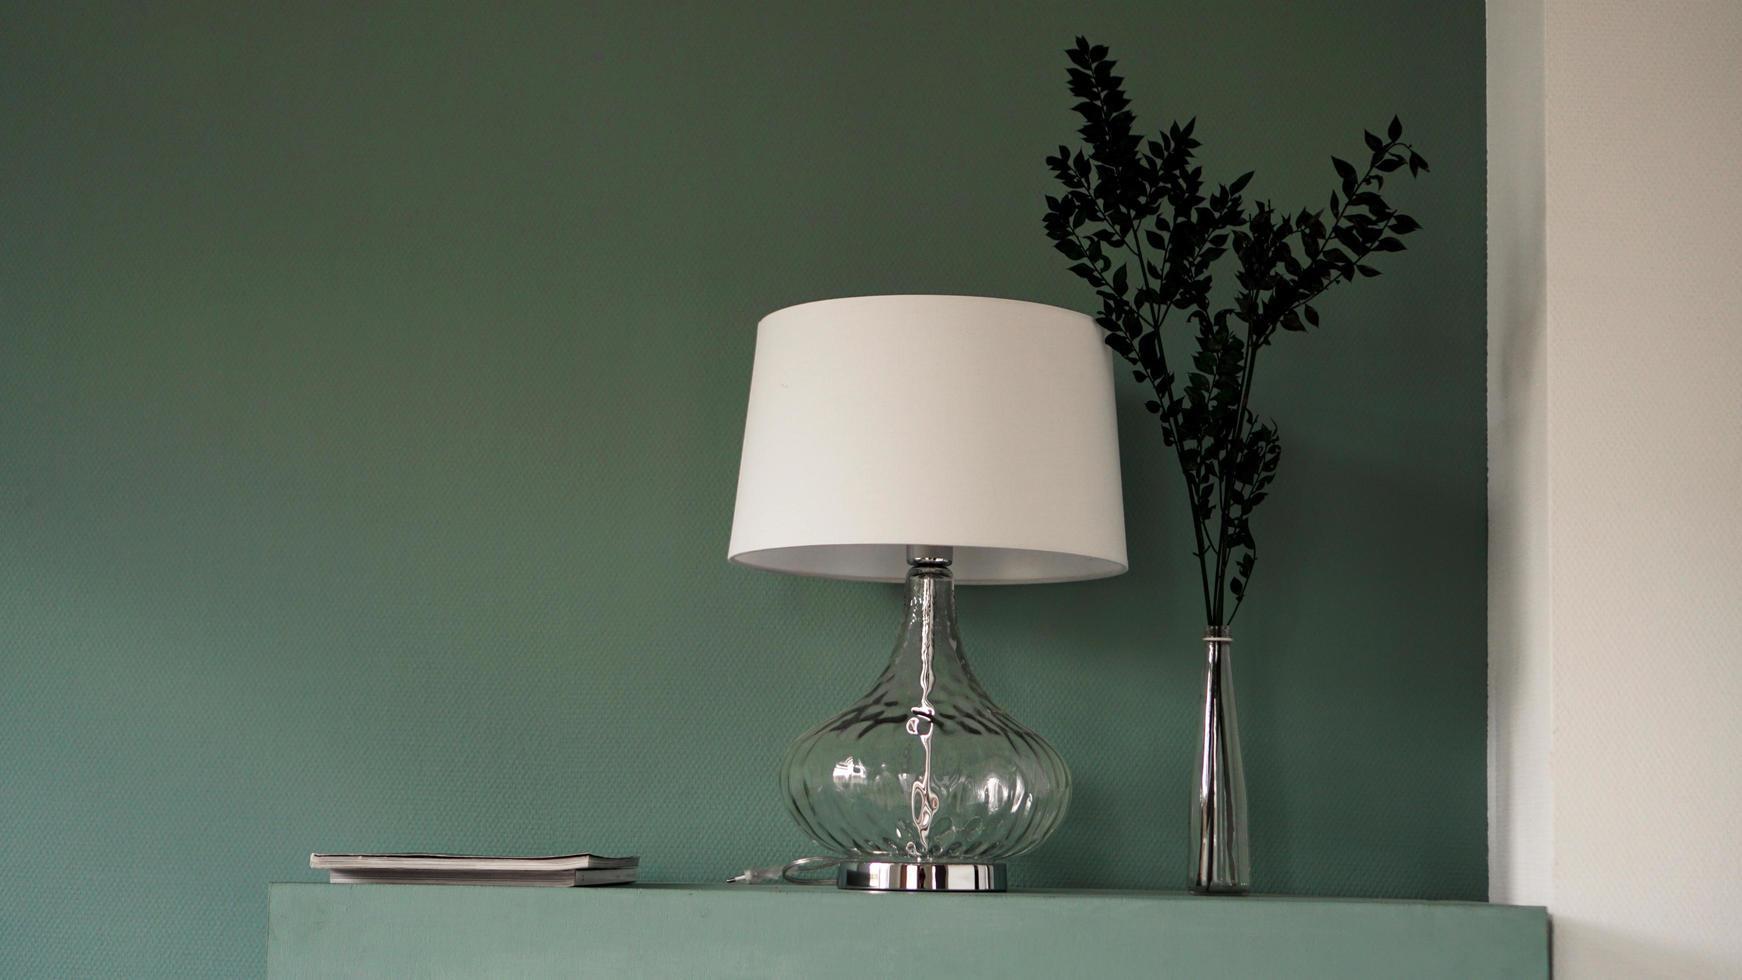 vit golvlampa och vas på grön bakgrund foto